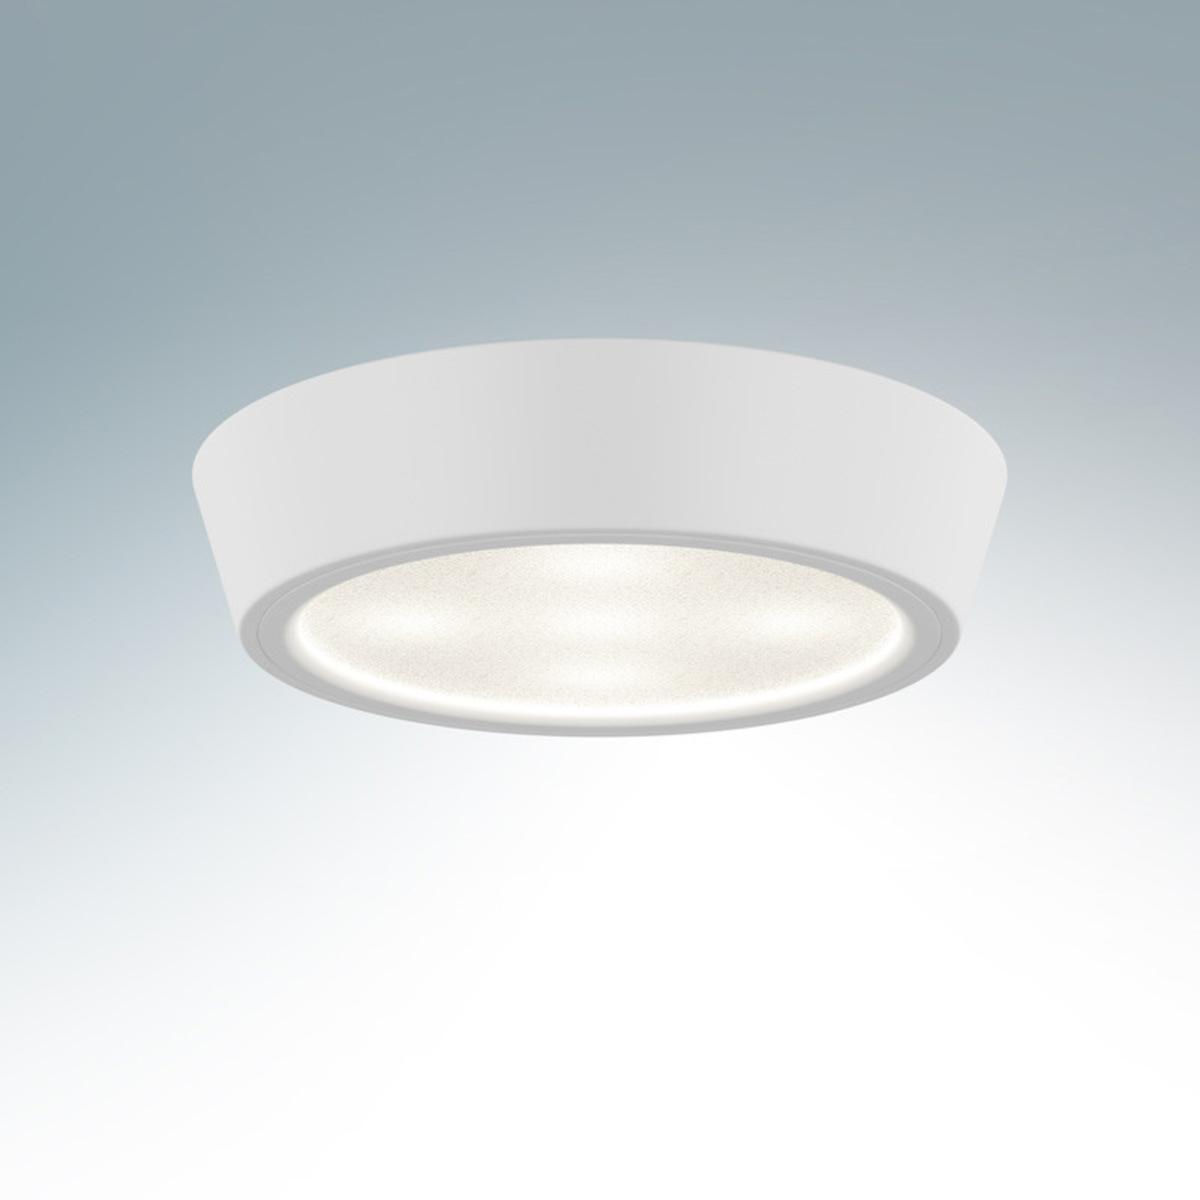 Купить Накладной светильник Urbano mini 214702, HomeMe